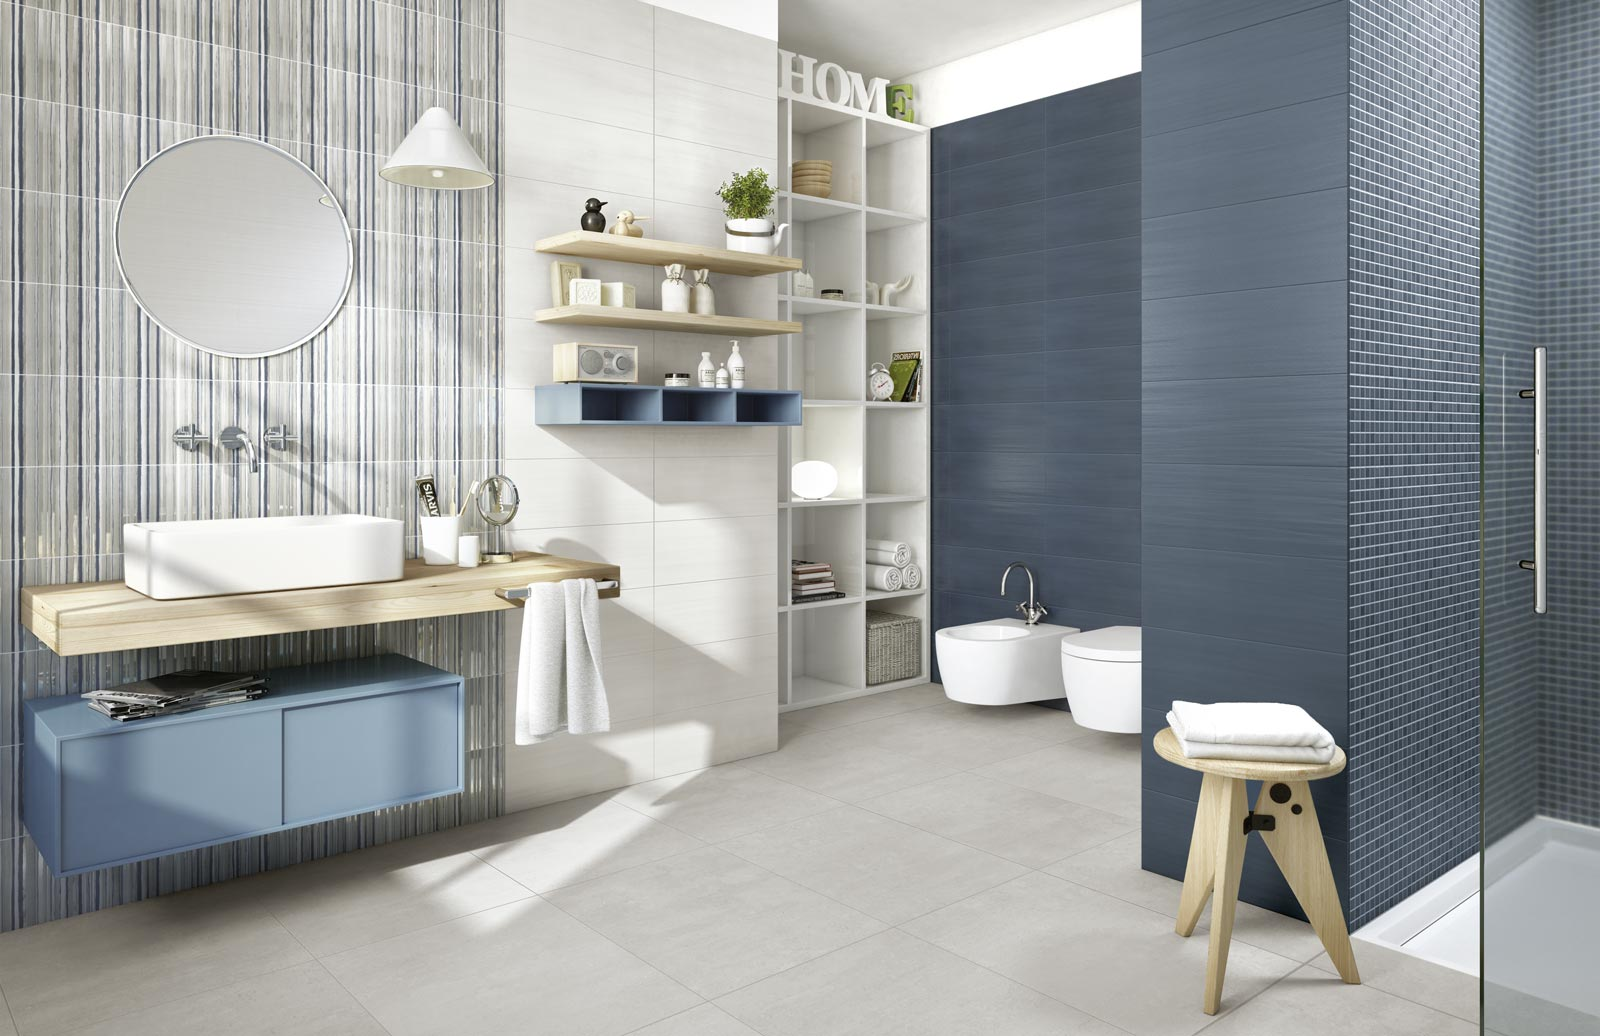 Piastrelle bagno in gres porcellanato ragno - Ceramiche bagno moderno ...